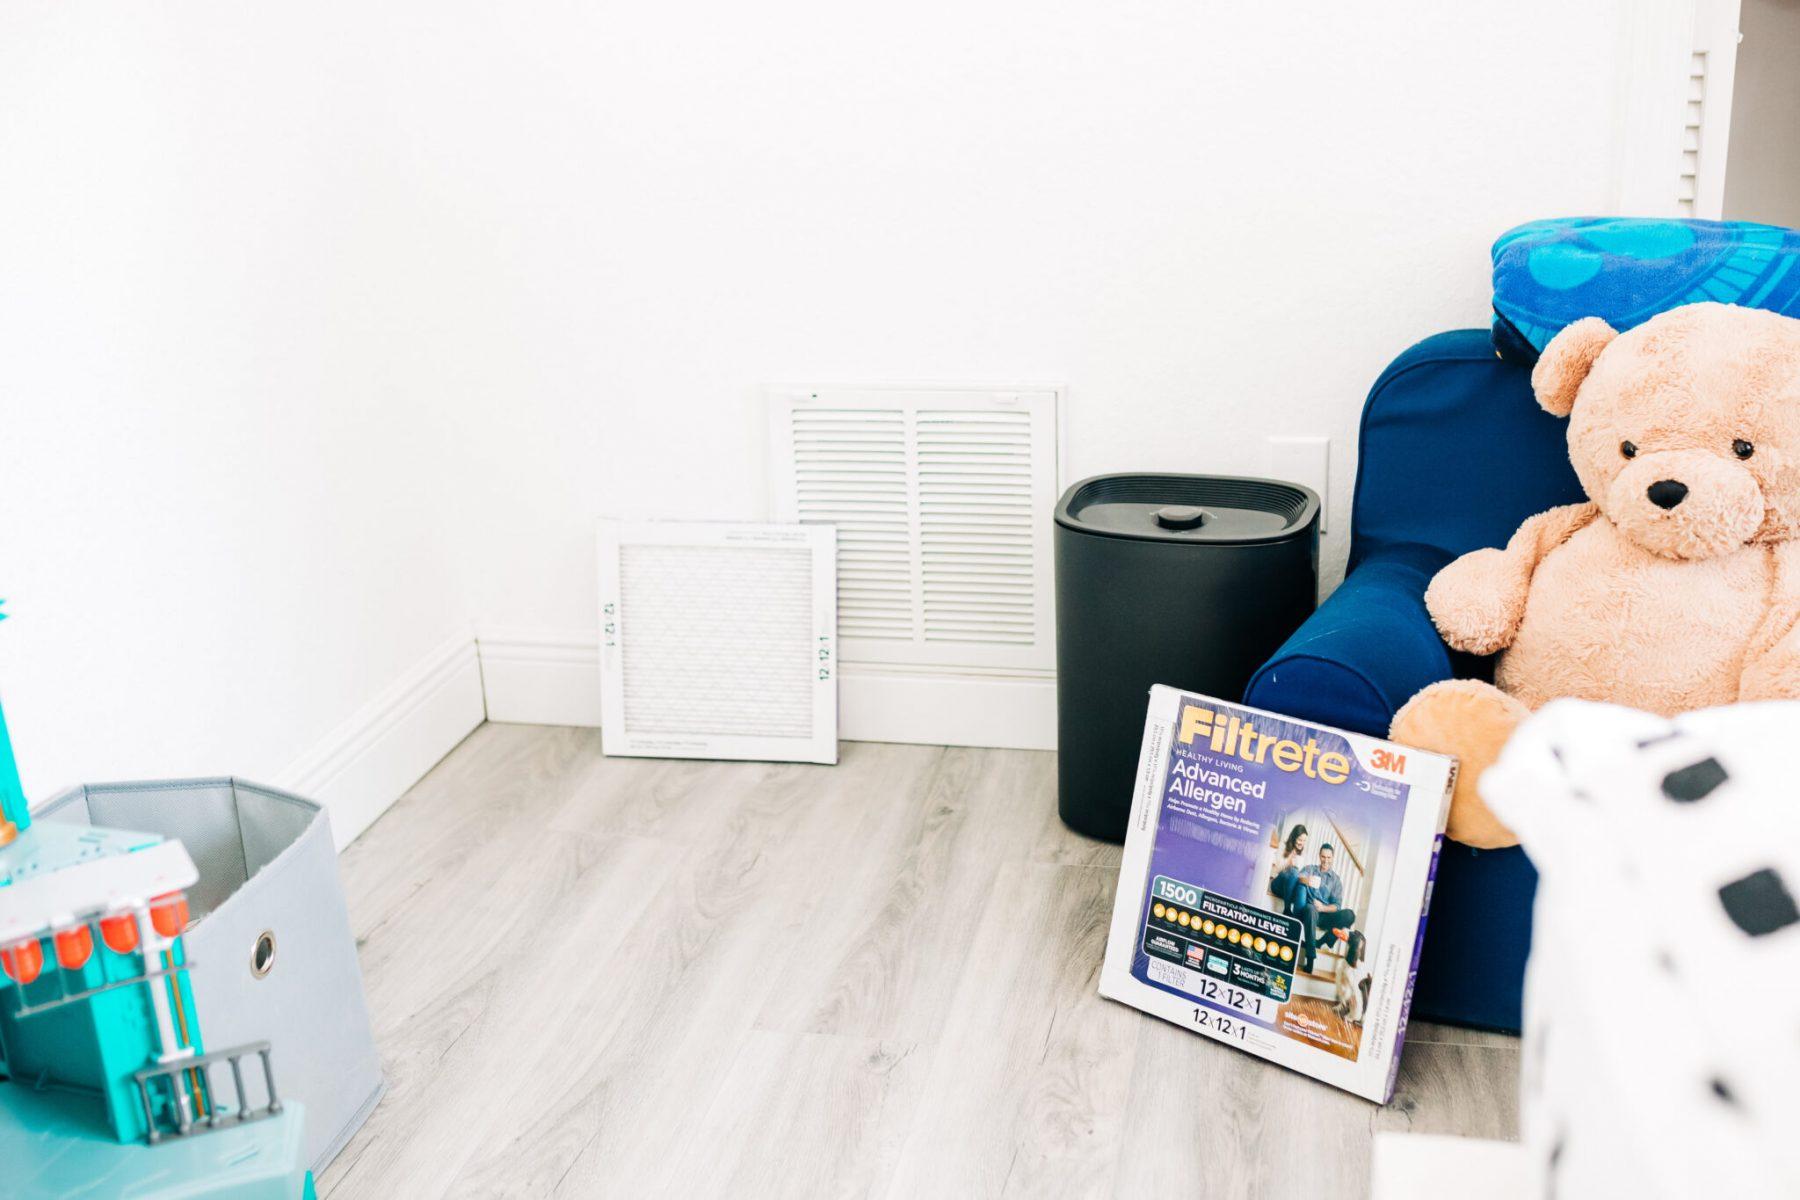 Reduce Common Household Allergens, Seasonal Allergies, Dust, Pet Dander, Air purifier, pest control #householdallergens #seasonalallergies #allergies